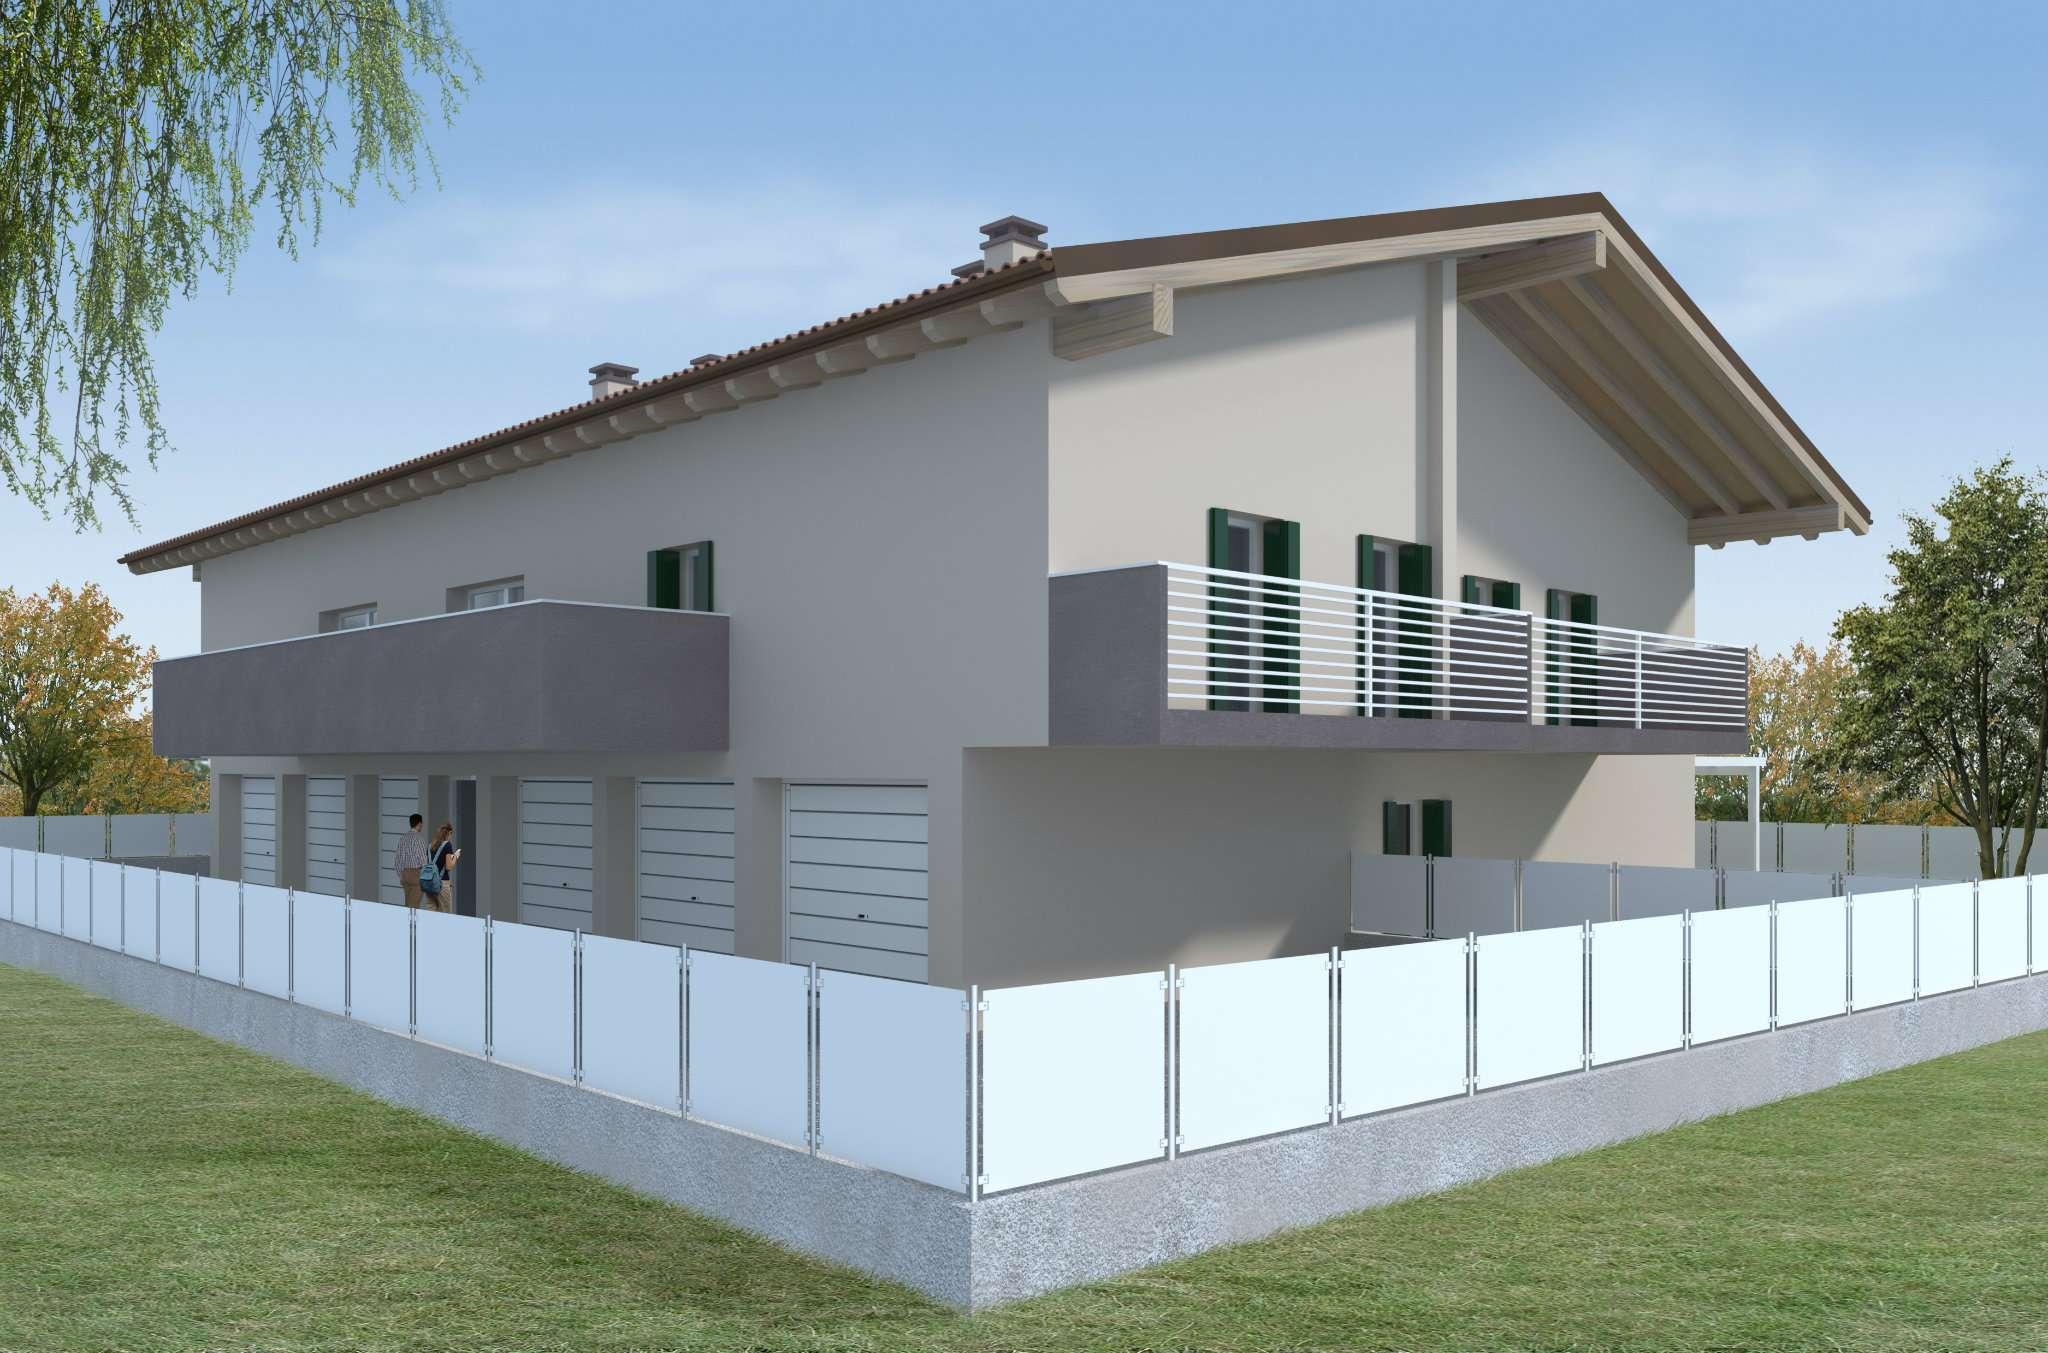 Attico / Mansarda in vendita a Salzano, 4 locali, prezzo € 190.000 | CambioCasa.it